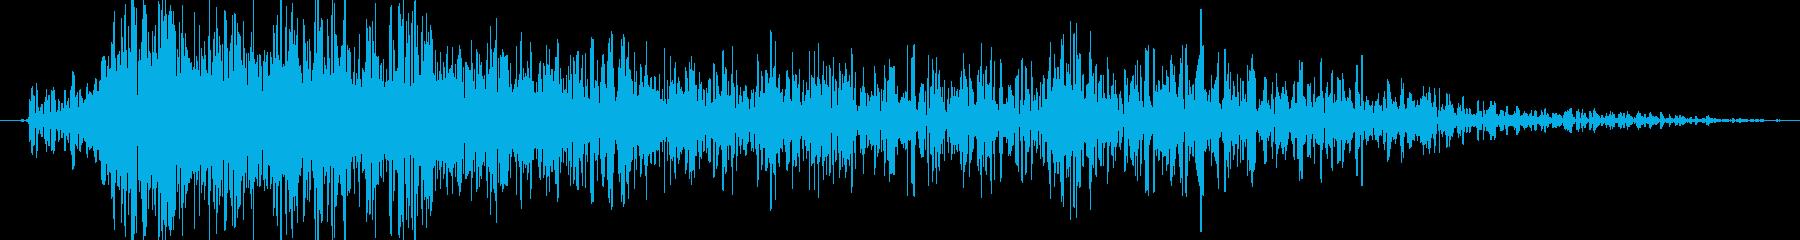 爆発(小規模_ドカーン)の再生済みの波形